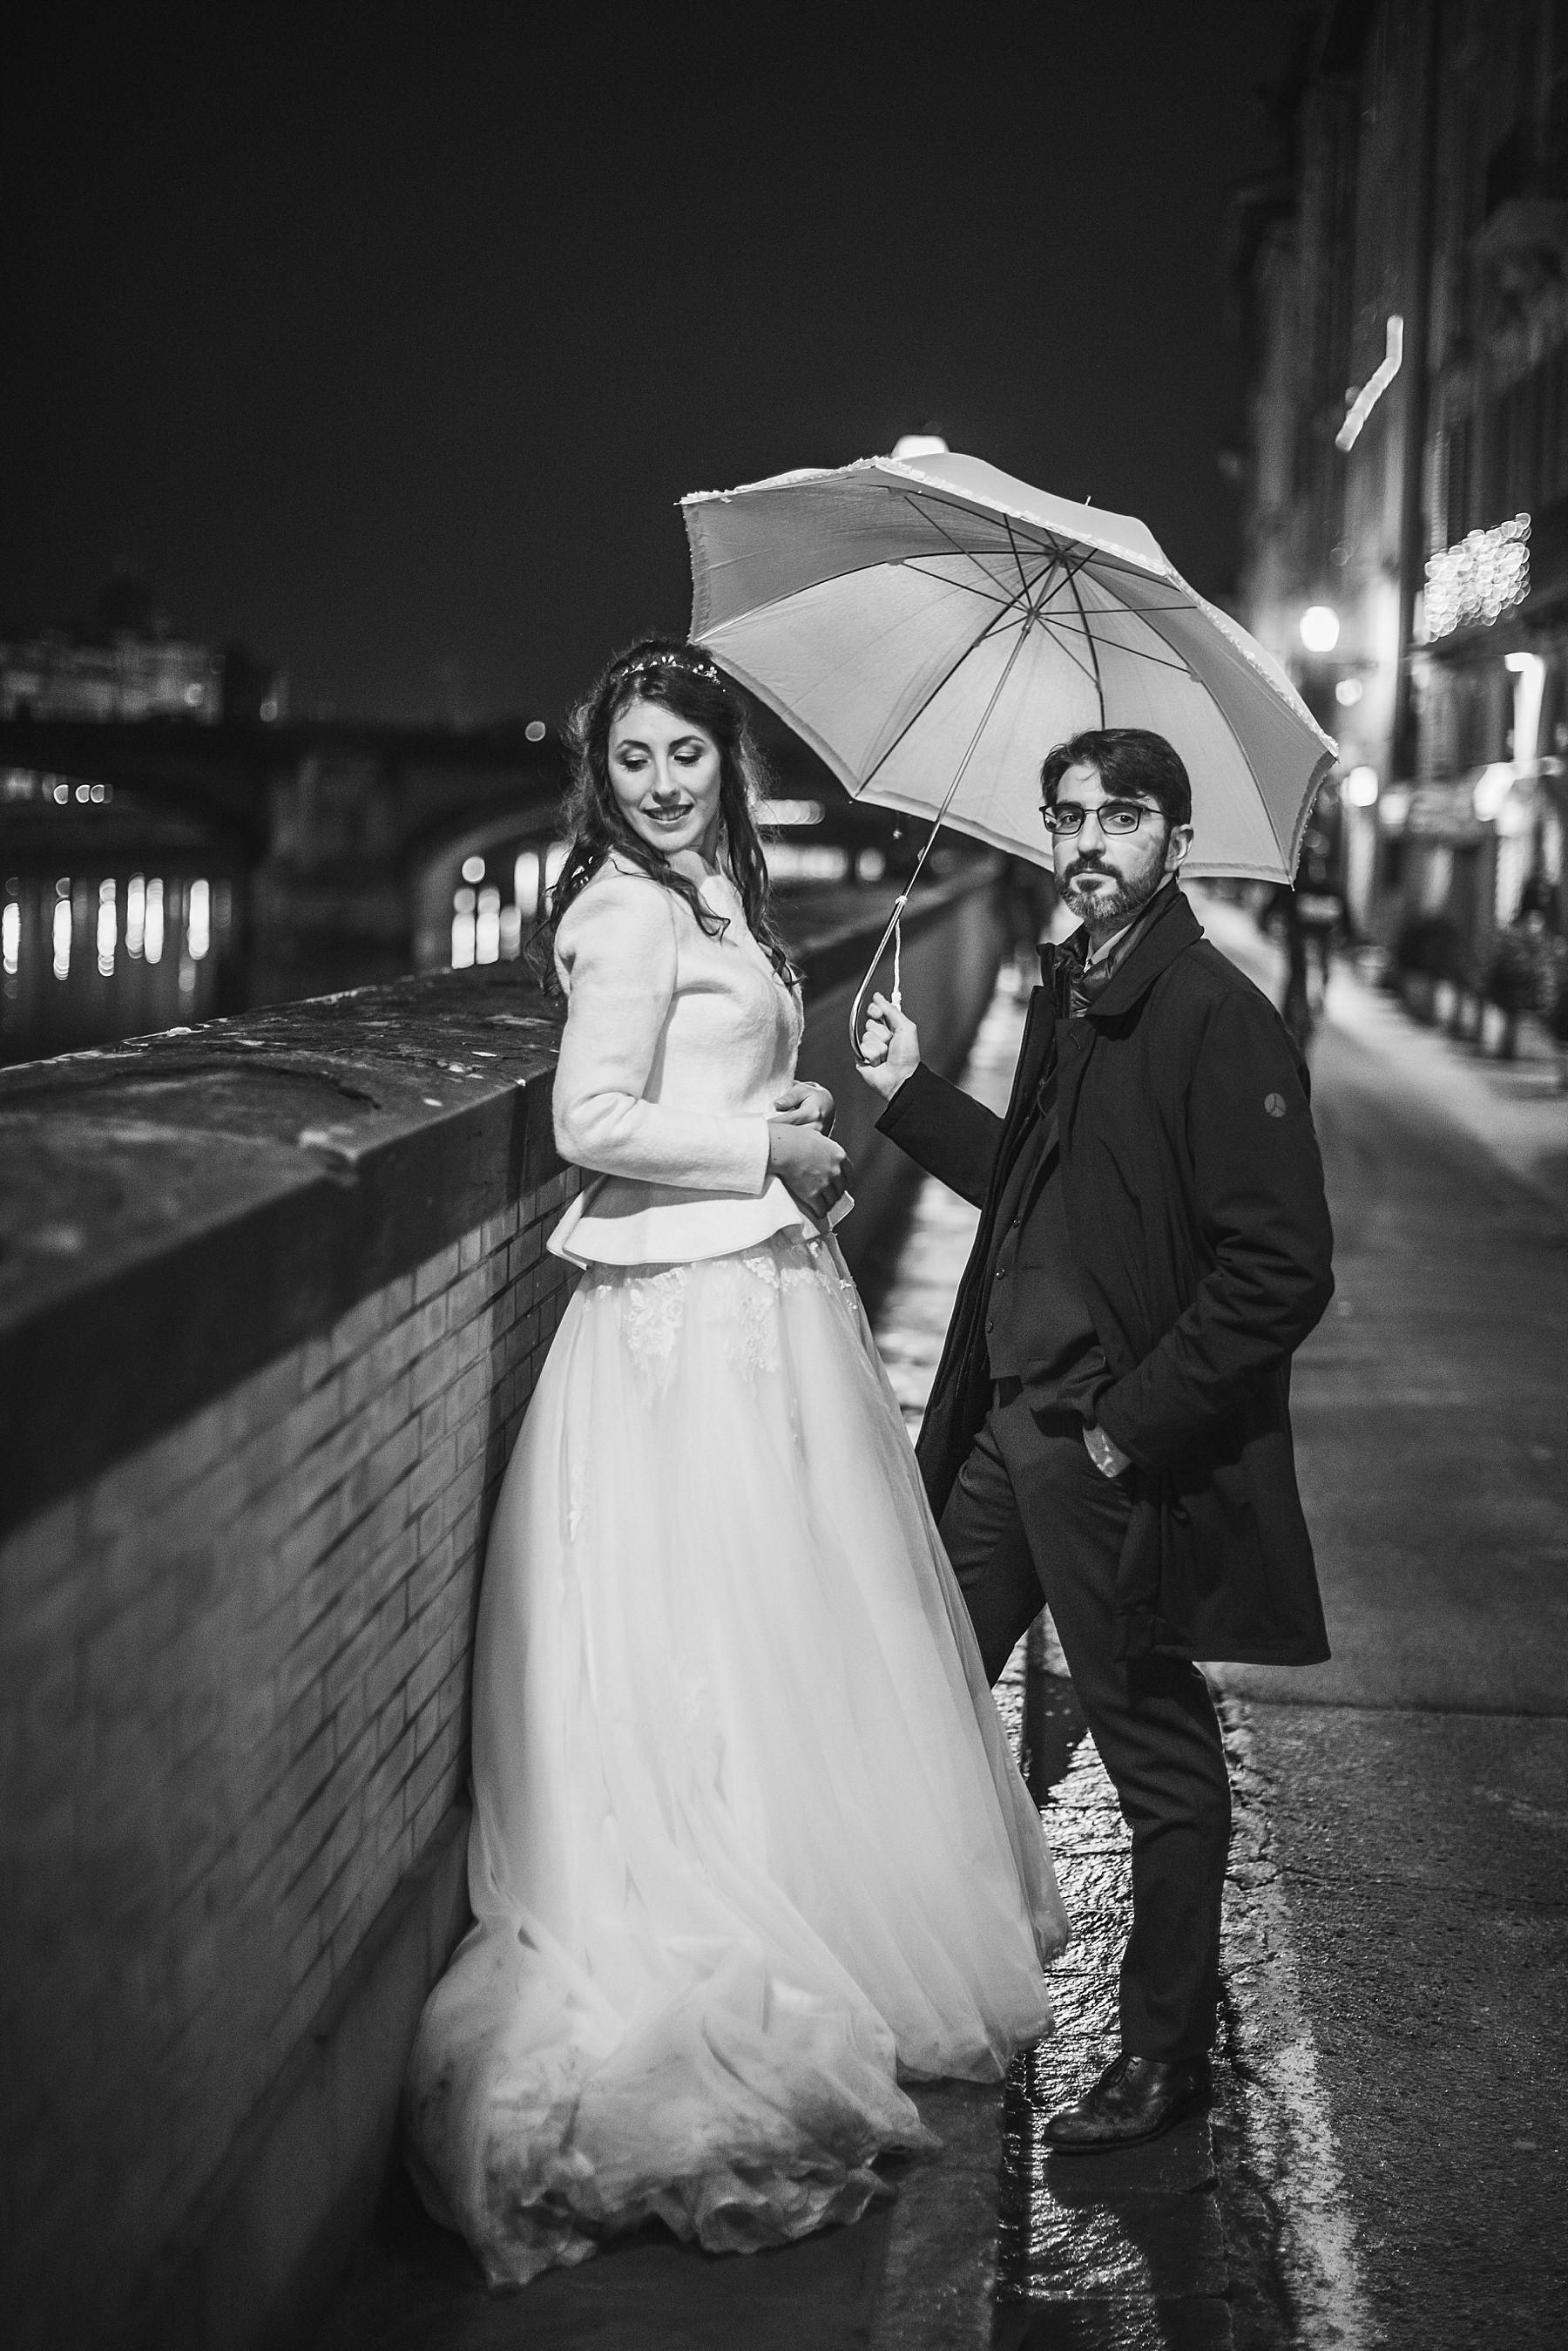 fotografia-di-matrimonio-a-firenze-in-inverno-779.JPG